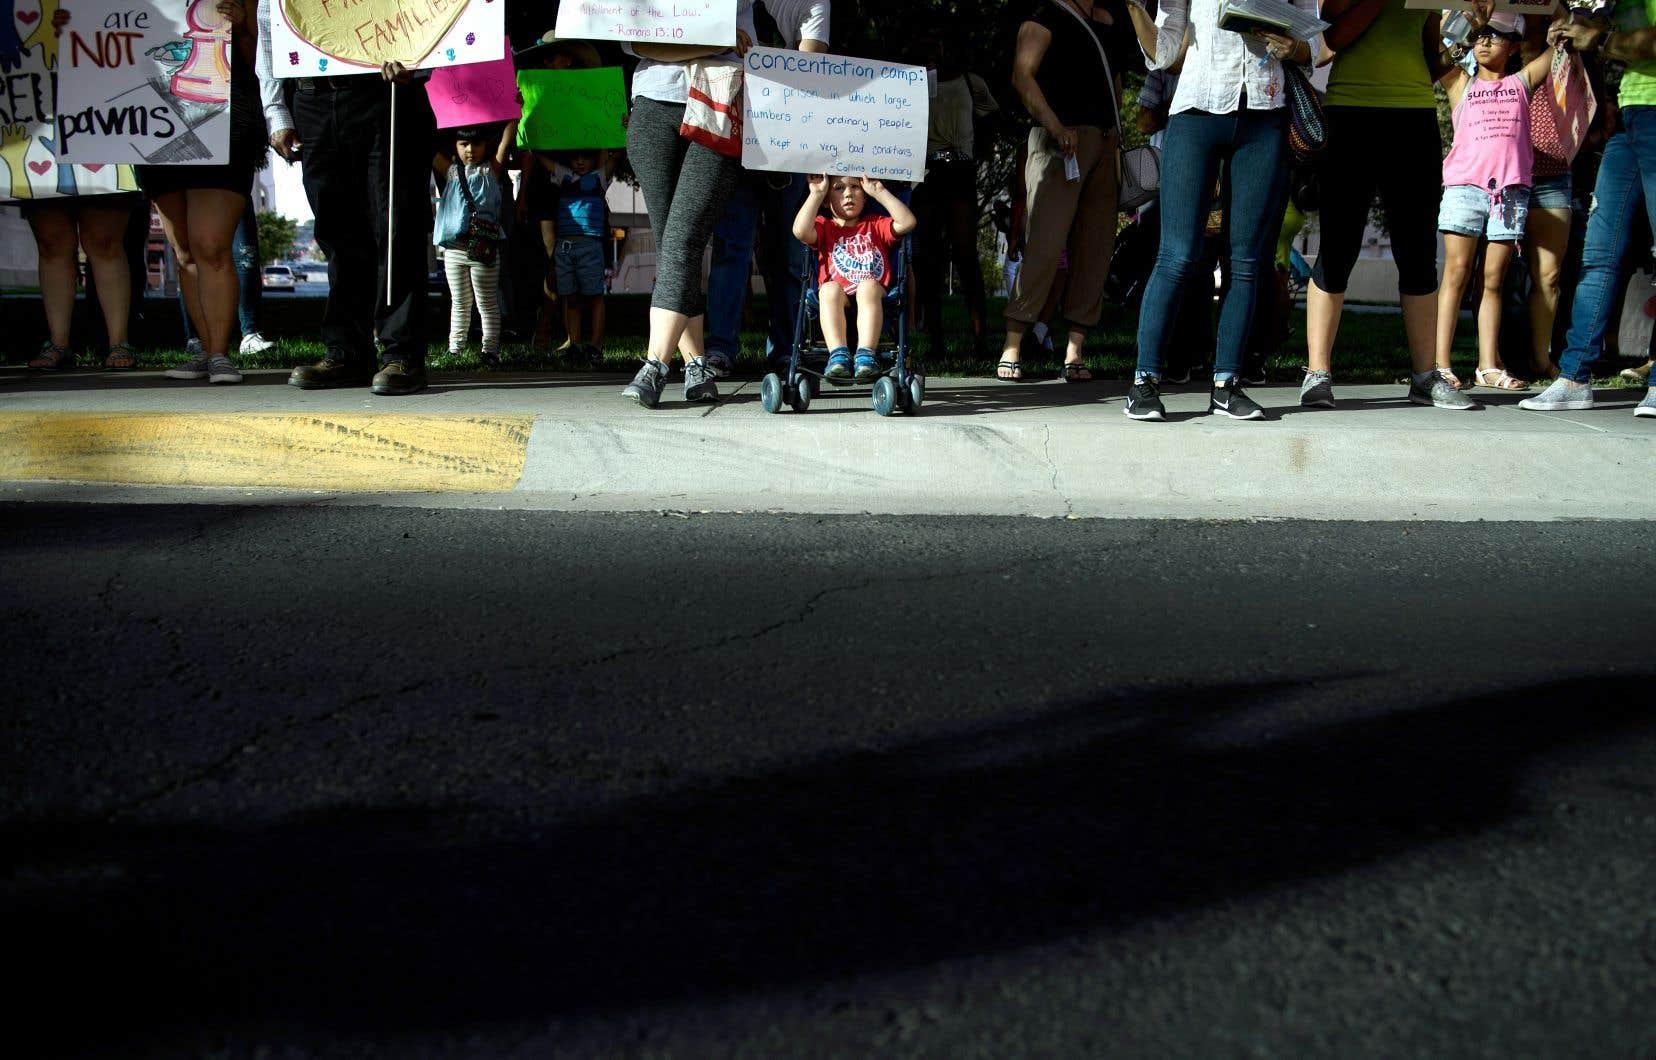 Devant un centre de détention au Texas, un enfant, installé dans une poussette, tient au-dessus de sa tête une pancarte manifestant son opposition à la séparation des familles immigrantes.